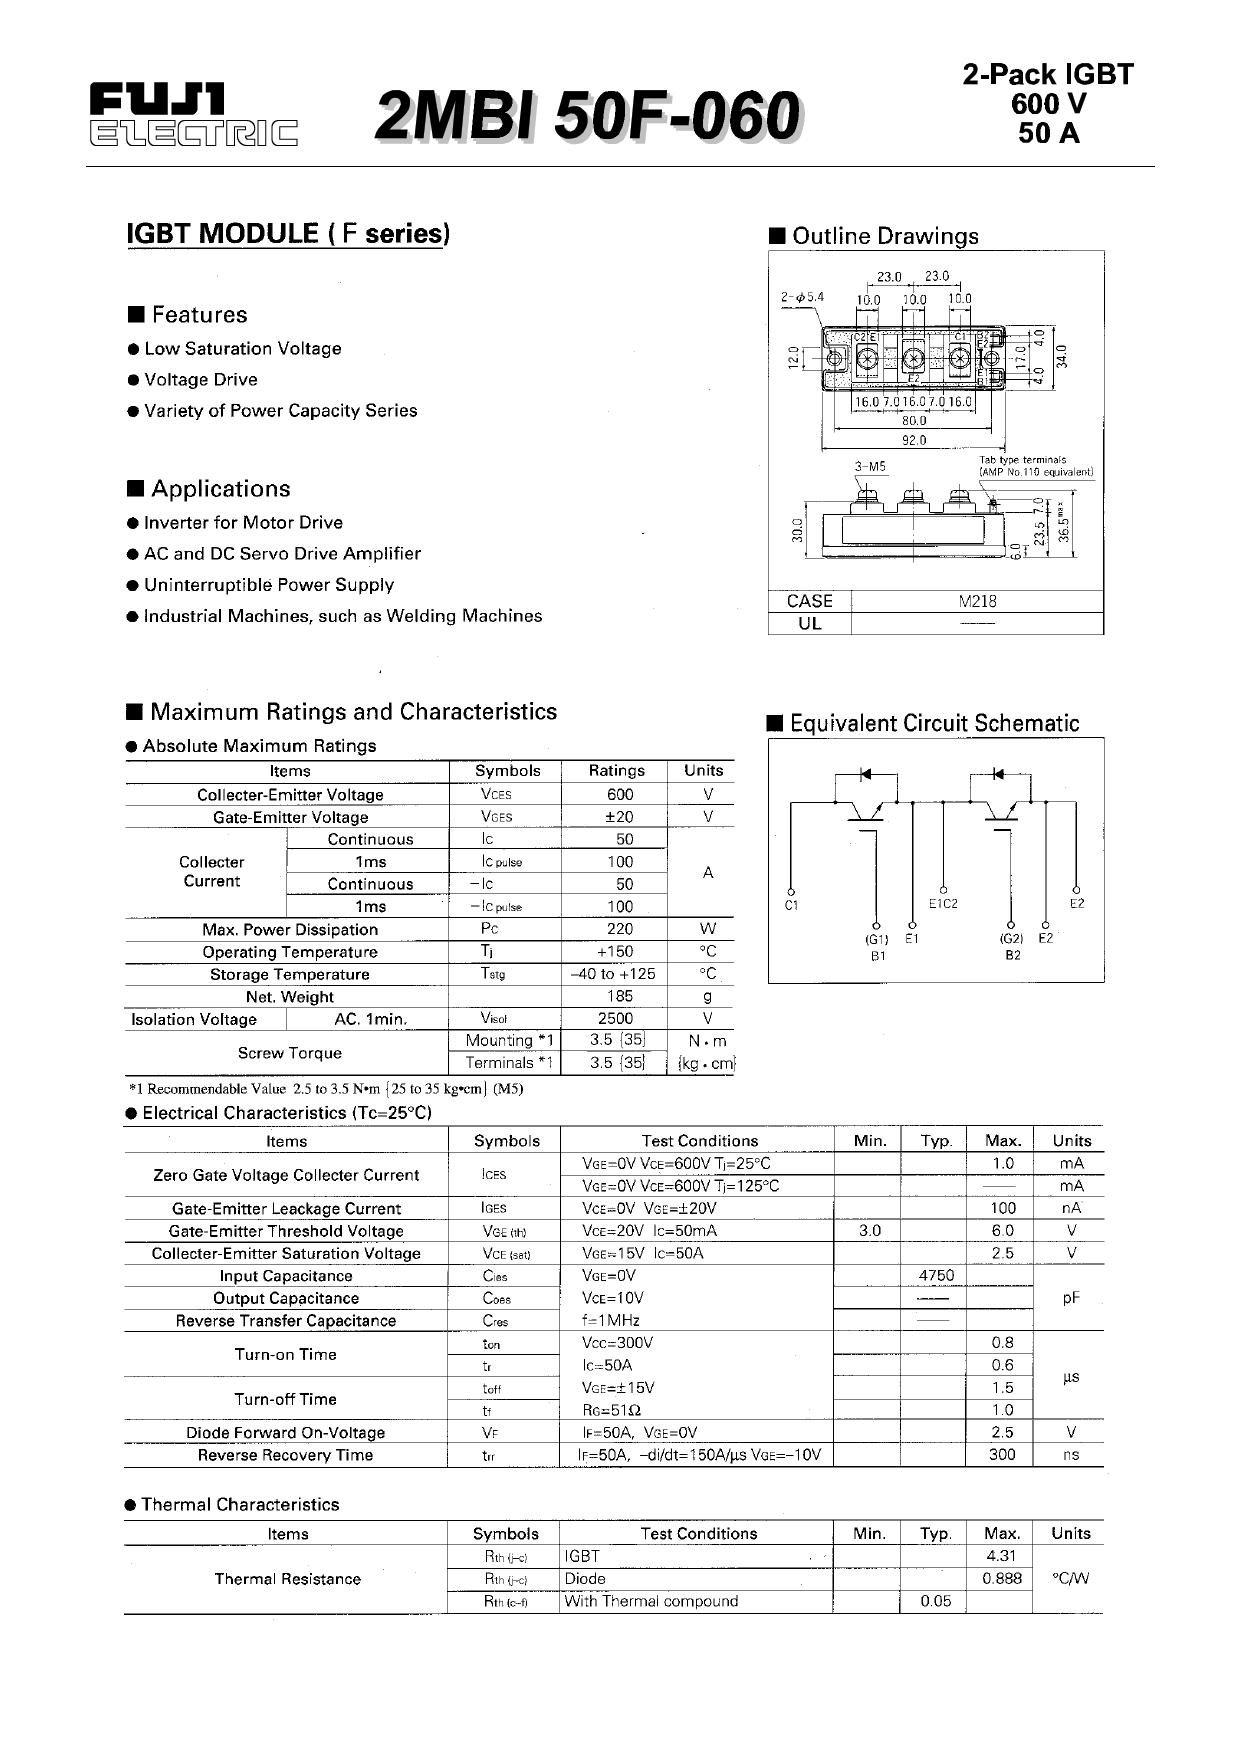 2MBI50F-060 دیتاشیت PDF